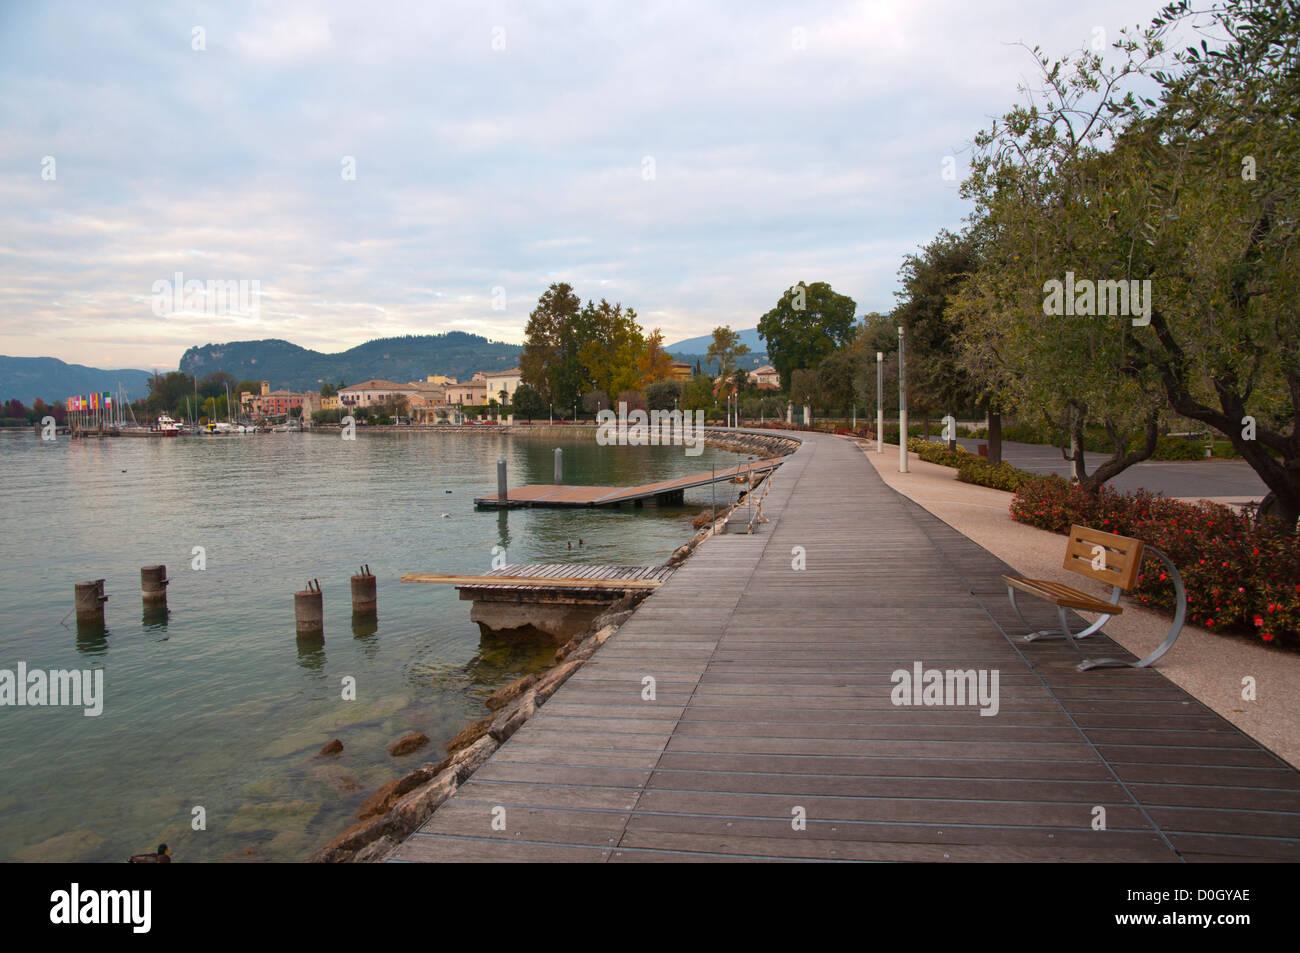 Promenade du lac au cours de l'automne Bardelino ville Lago di Garda Lac de Garde de la région de la Vénétie Photo Stock